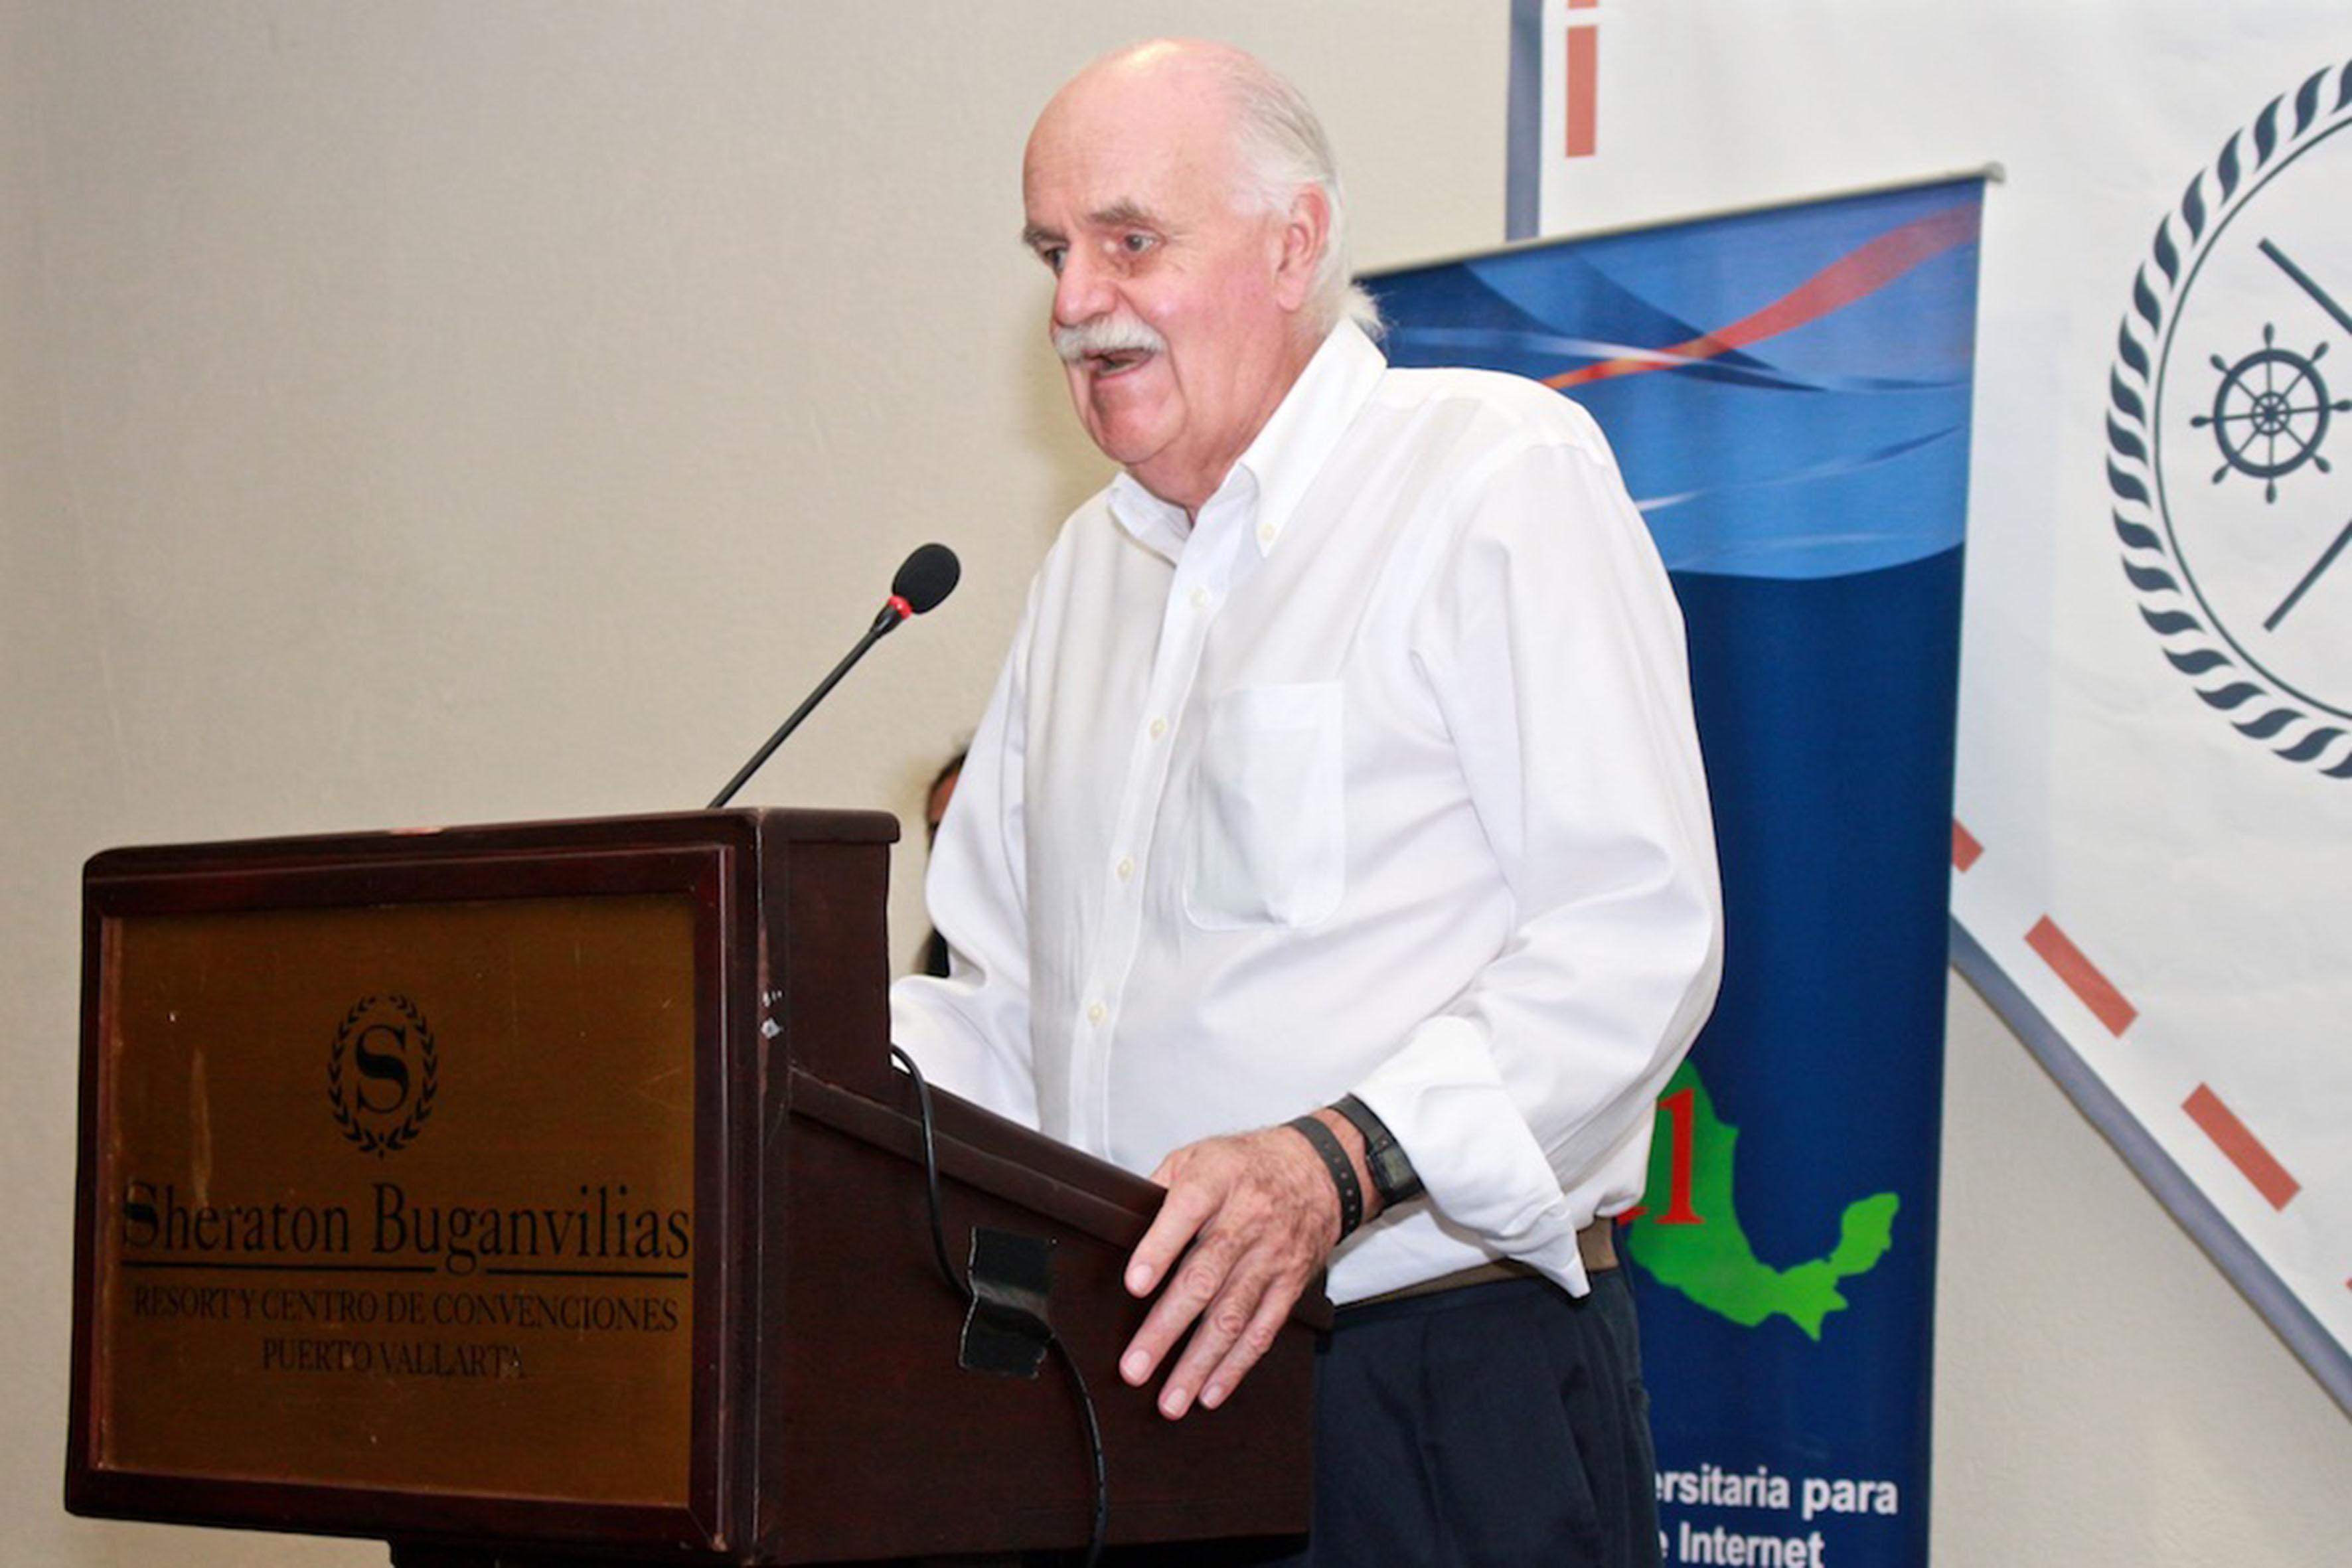 Director general del CUDI, licenciado Carlos Casasús López Hermosa; haciendo uso de la  palabra en el podium del evento, durante la clausura de los trabajos de Reunión CUDI 2017.